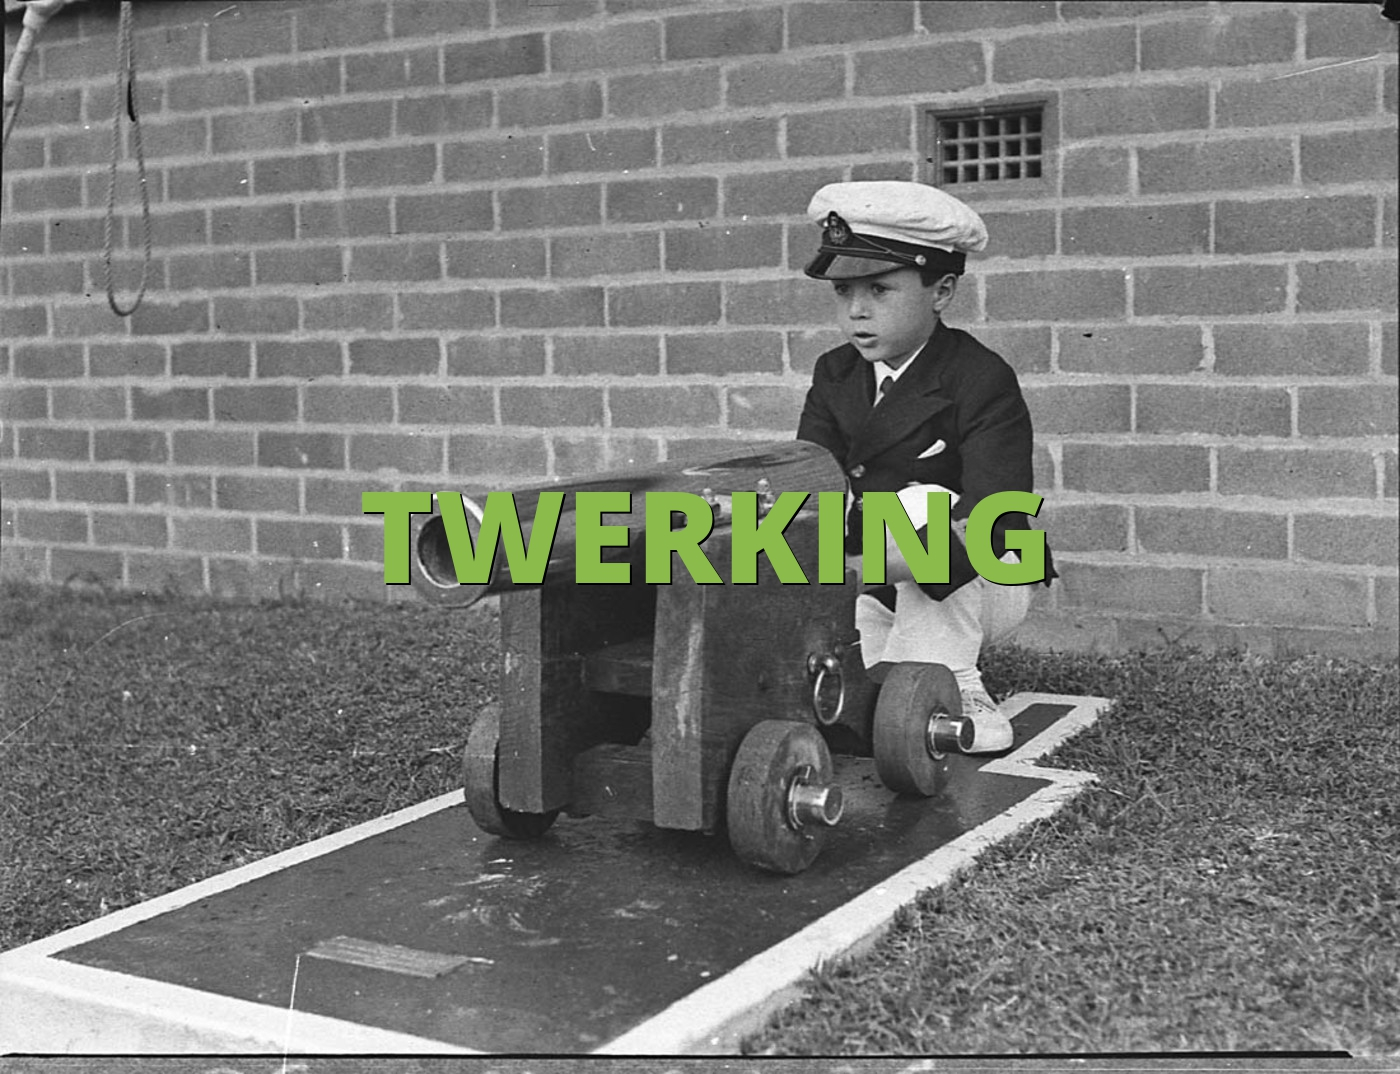 TWERKING